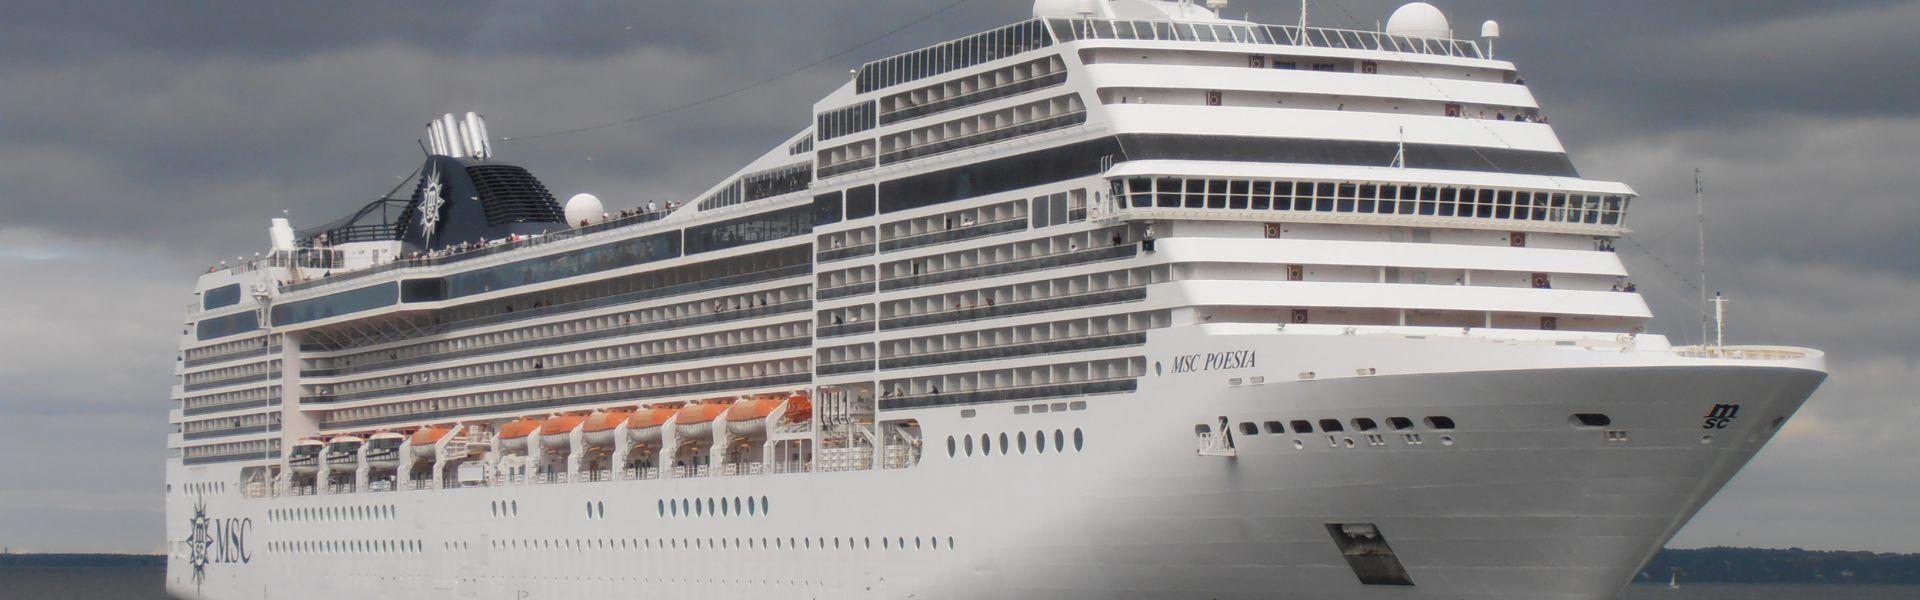 Croaziera 2018 - Repozitionare (Marsilia) - MSC Cruises - MSC Poesia - 20 nopti